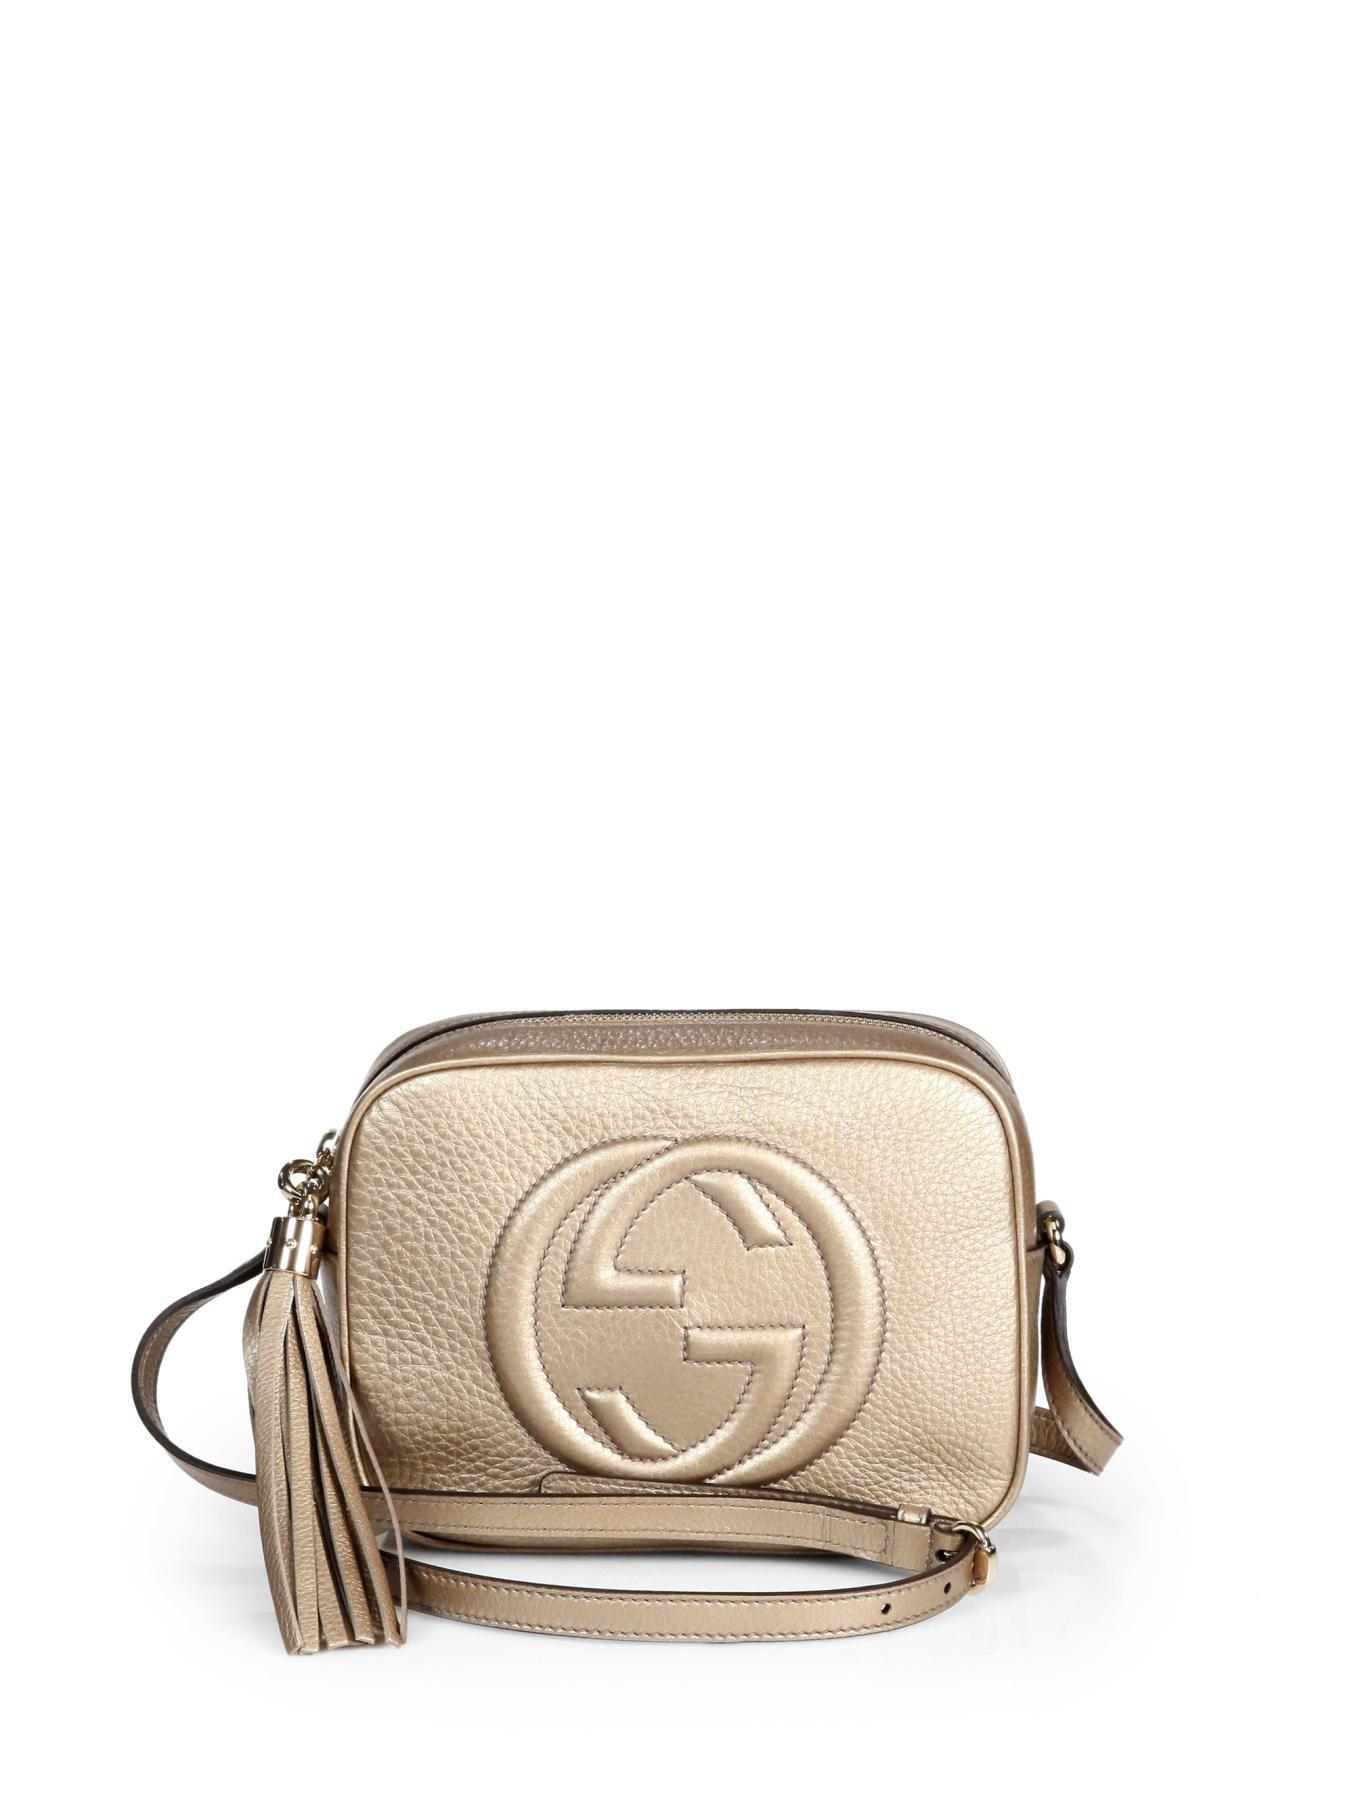 6b0d8db12fa Lyst - Gucci Soho Metallic Leather Disco Bag in Metallic